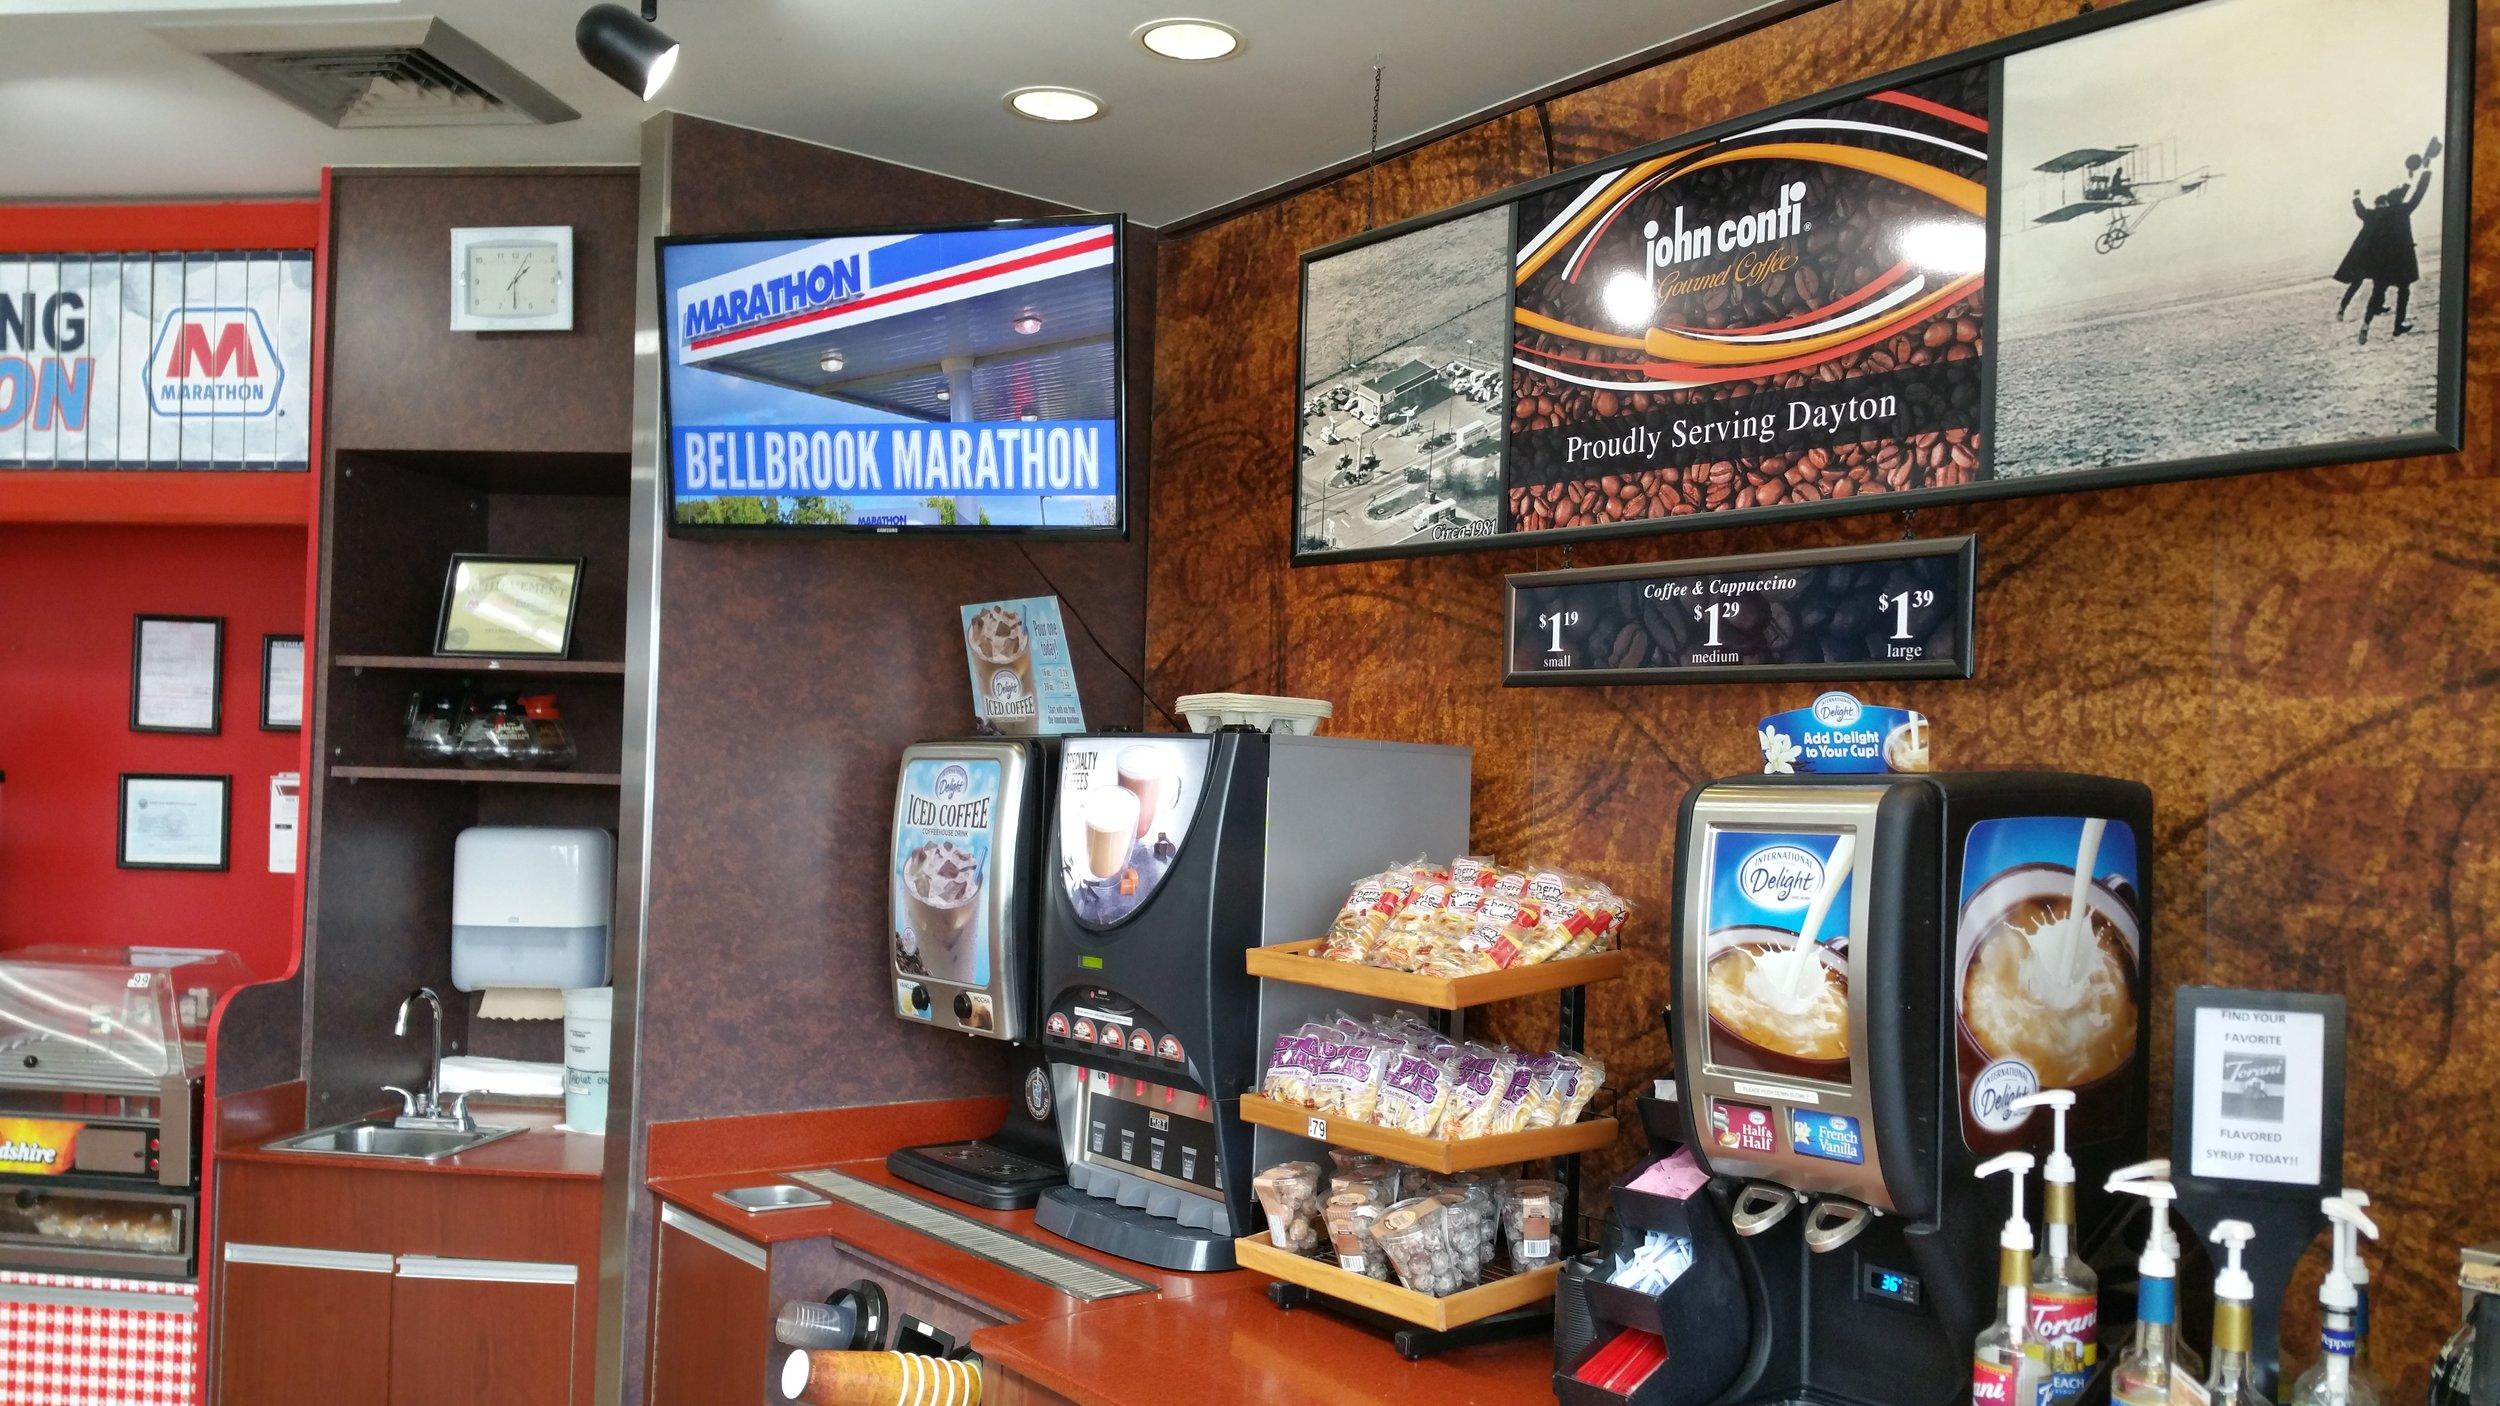 Bellbrook Marathon WS.jpg